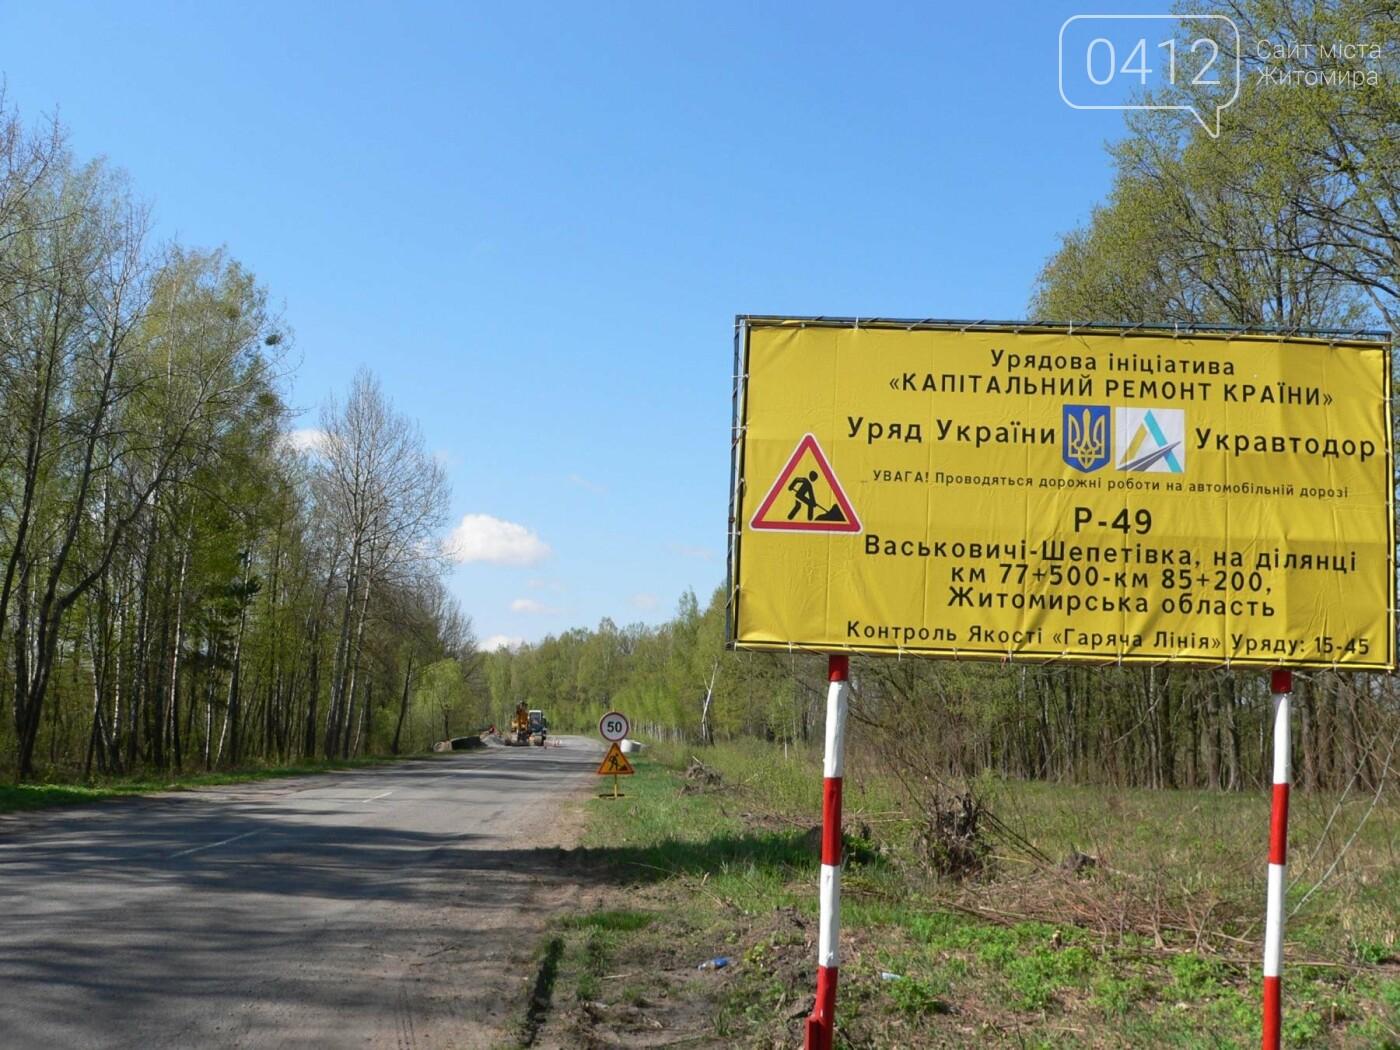 Продовжуються роботи з капремонту на ділянках шляху Р-49 Васьковичі - Шепетівка, фото-1